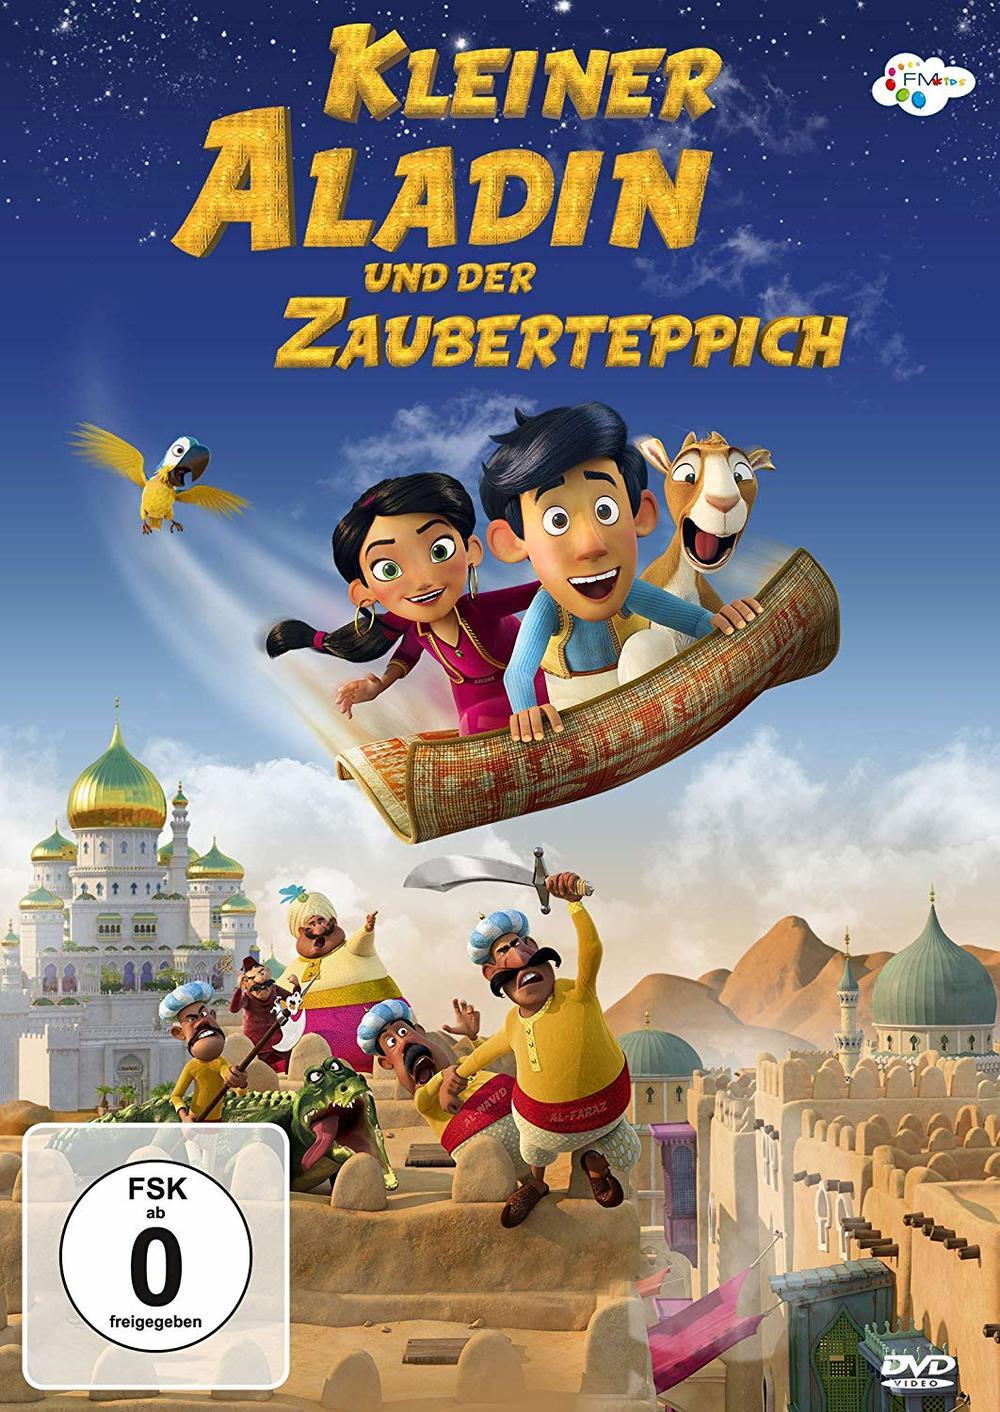 """Tausendundeine Nacht: Wir verlosen den Animationsspaß """"Kleiner Aladin und der Zauberteppich"""" auf DVD oder BD"""